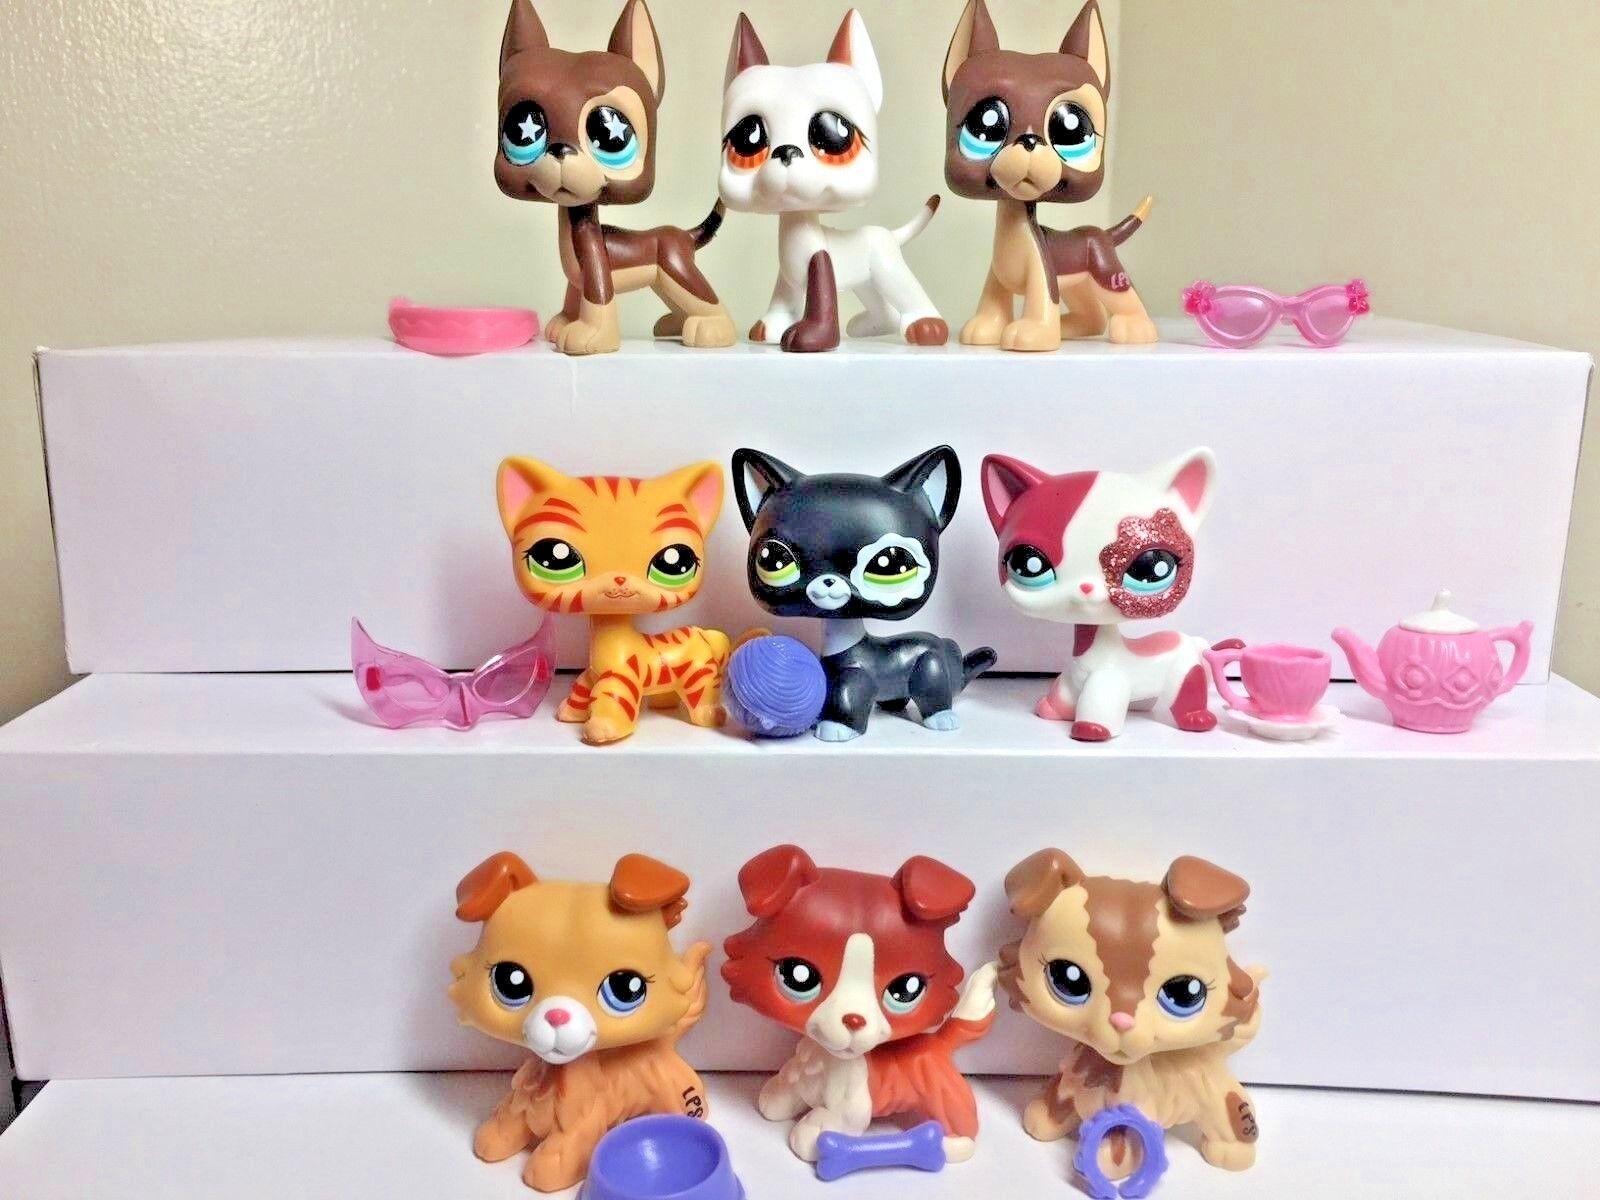 9 PC Littlest Pet Shop 3-Collie Dogs 3-Cats 3-Great Danes + 9-Accessories RARE